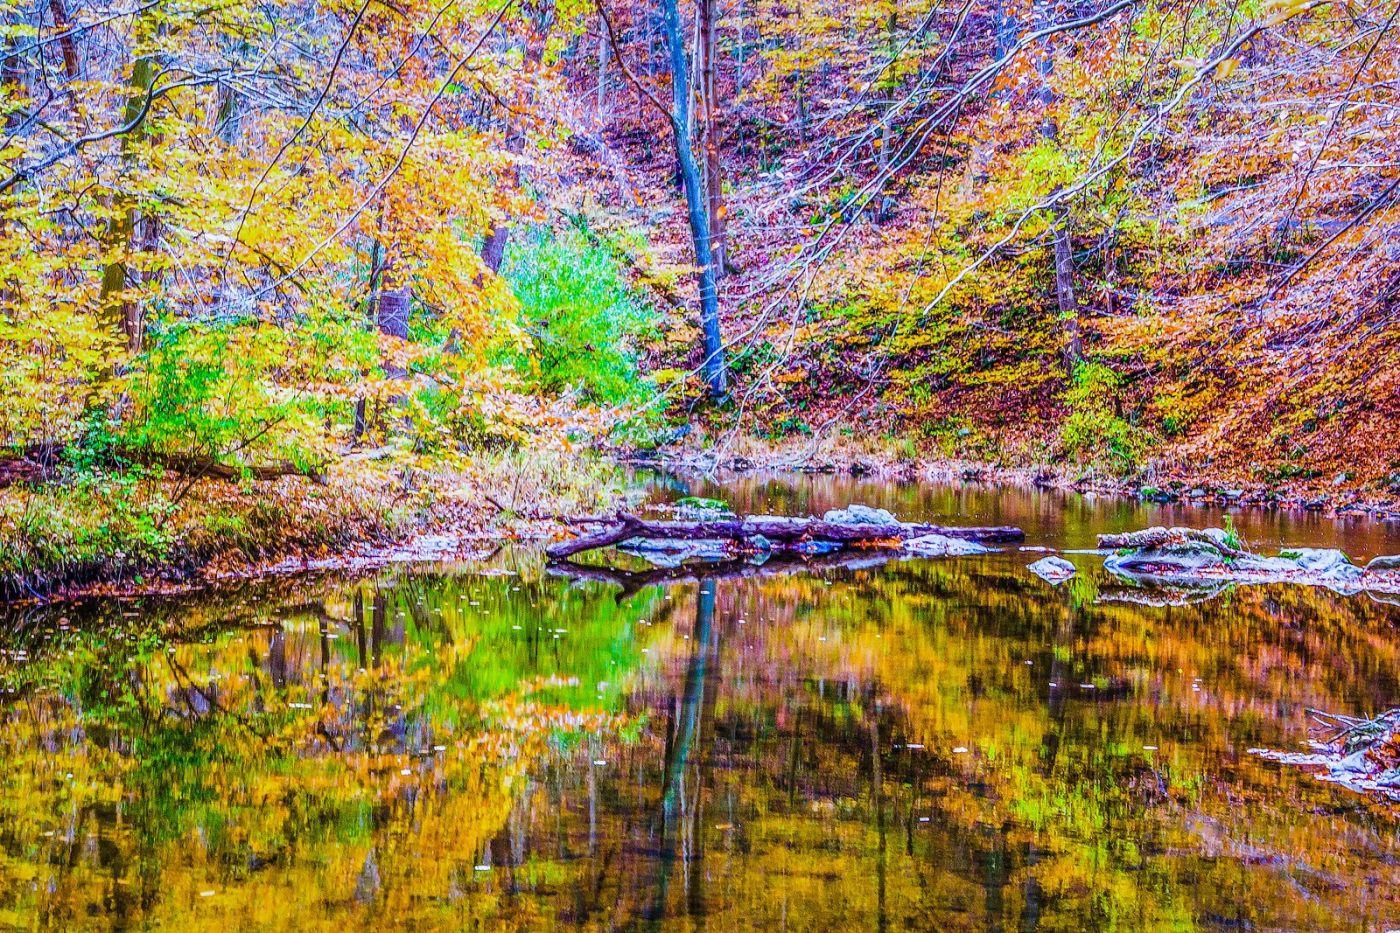 宾州雷德利克里克公园(Ridley creek park),如梦的画面_图1-12